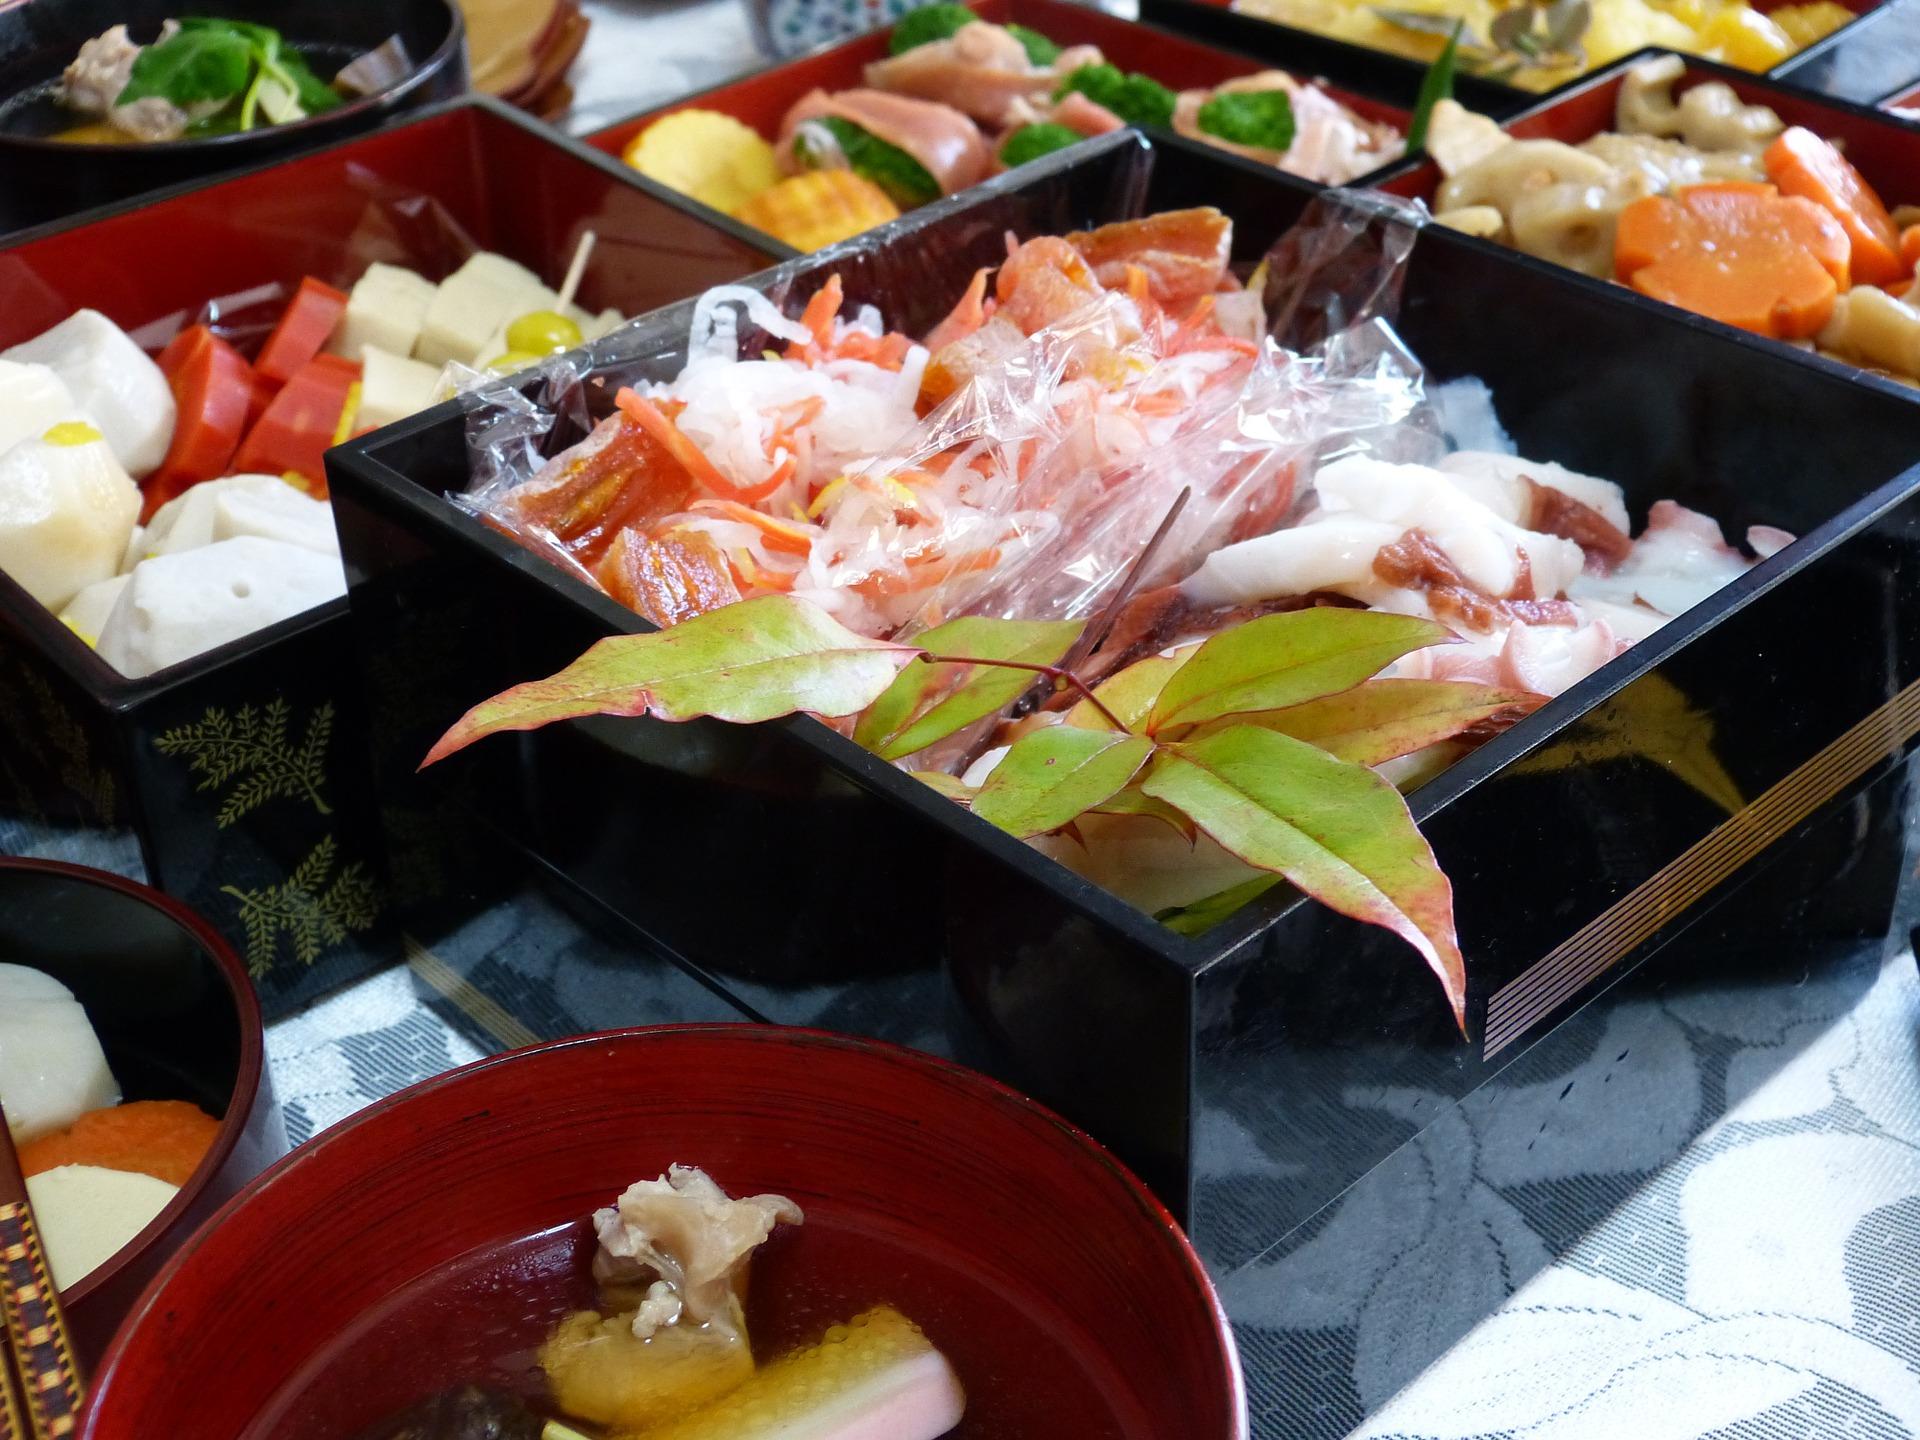 japanese-food-993053_1920